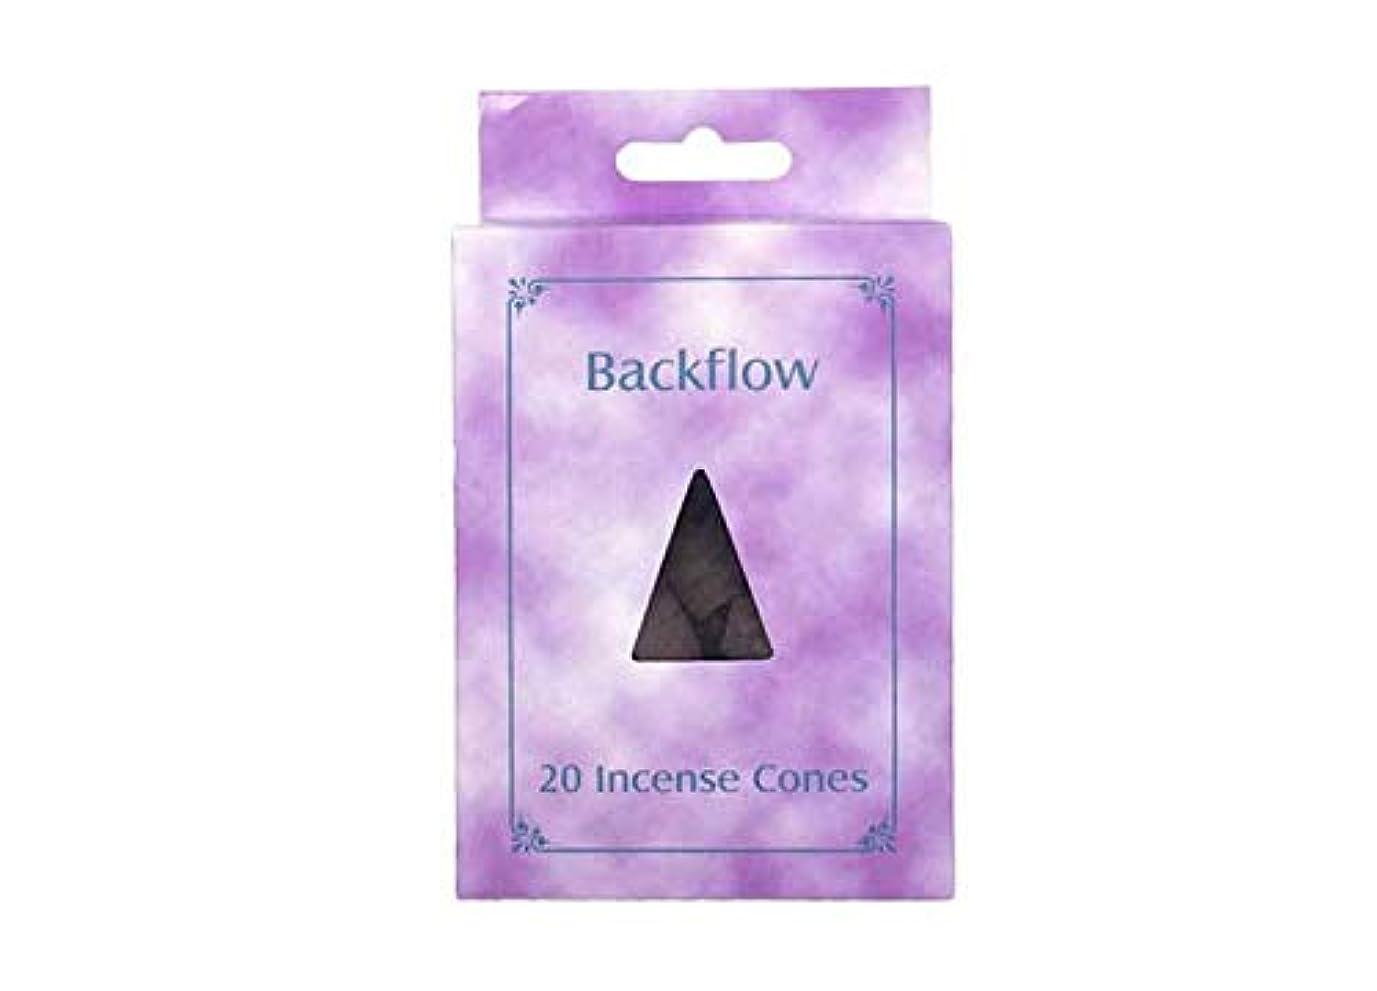 ワンダートラップペースお香 逆流コーン 逆流香 20p ローズ Backflow Incense Cones 20p Rose